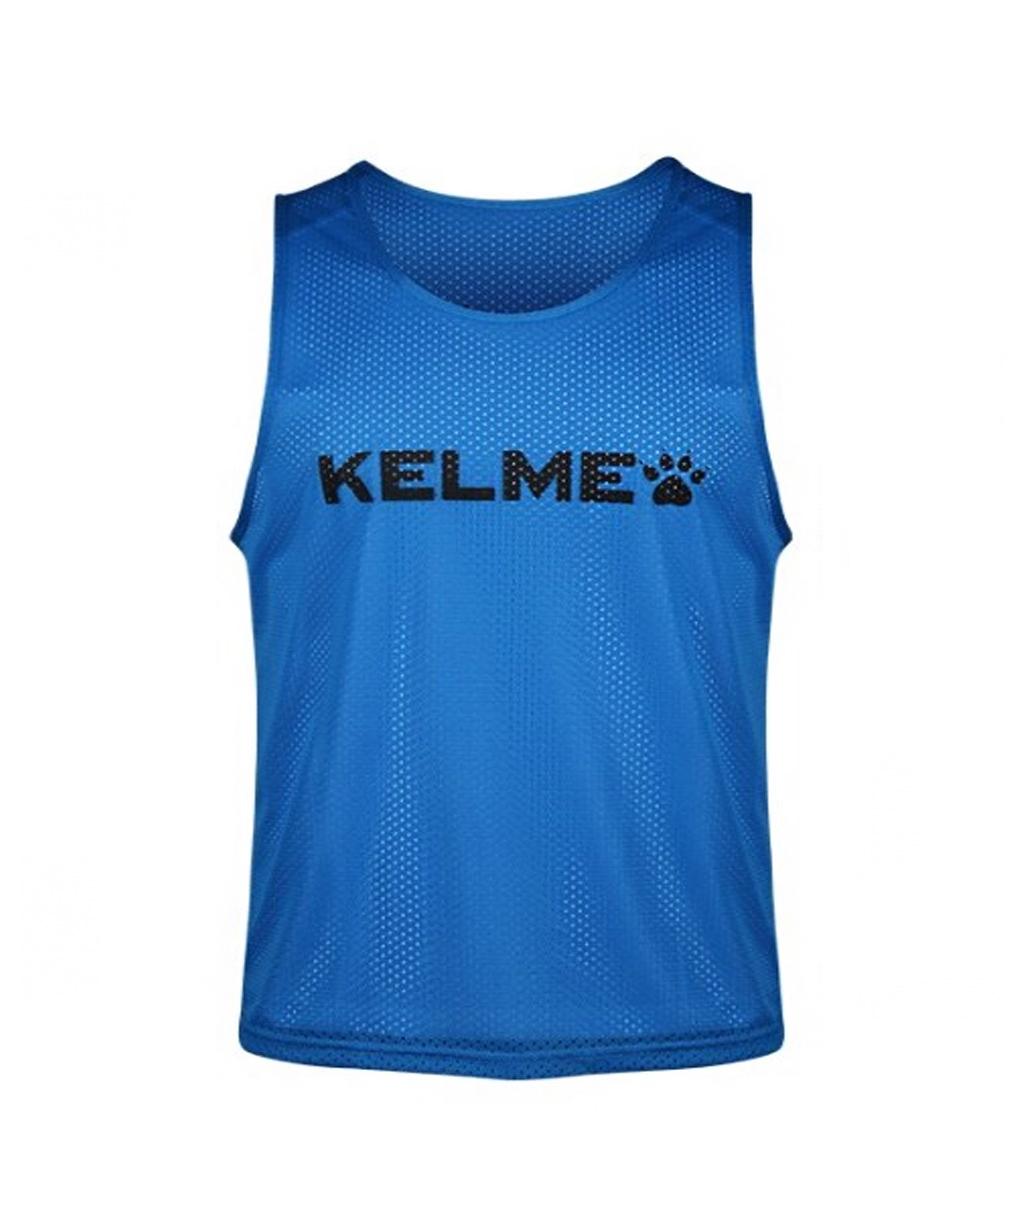 Купить синие манишки Kelme Training BIB в интернет-магазине